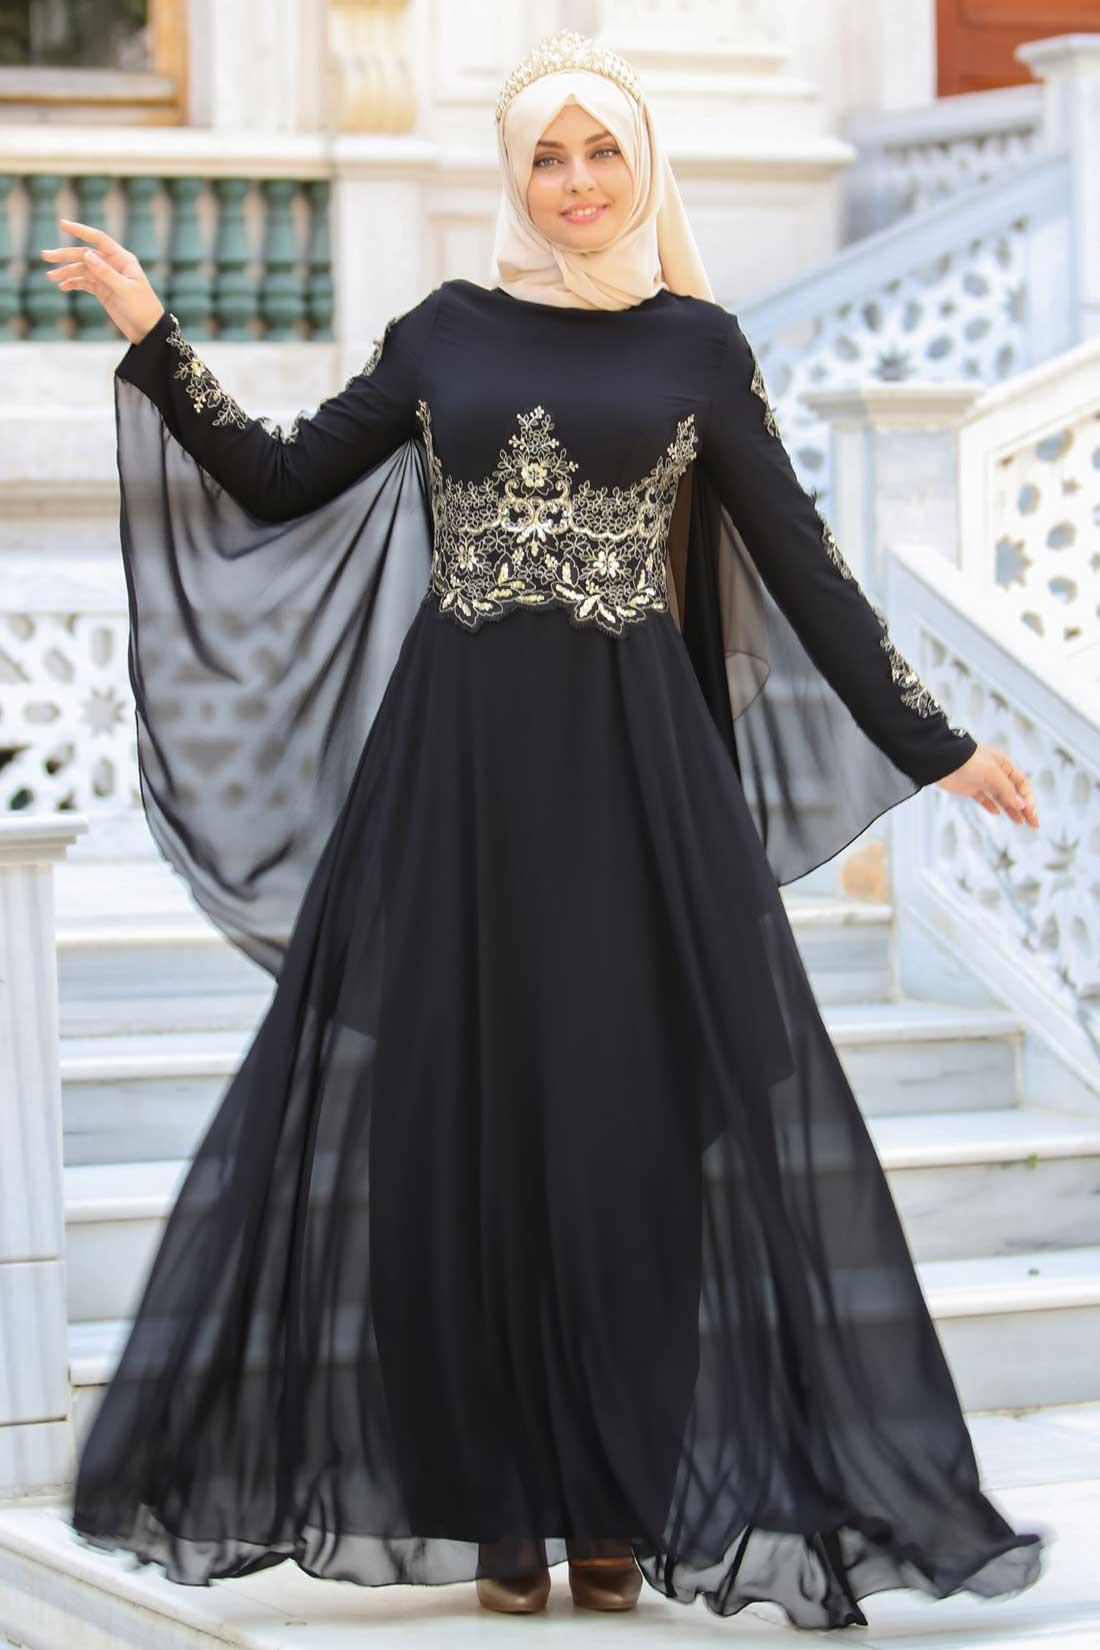 Siyah Tesettur Abiye Elbise Modelleri 3 - Siyah Tesettür Abiye Modelleri